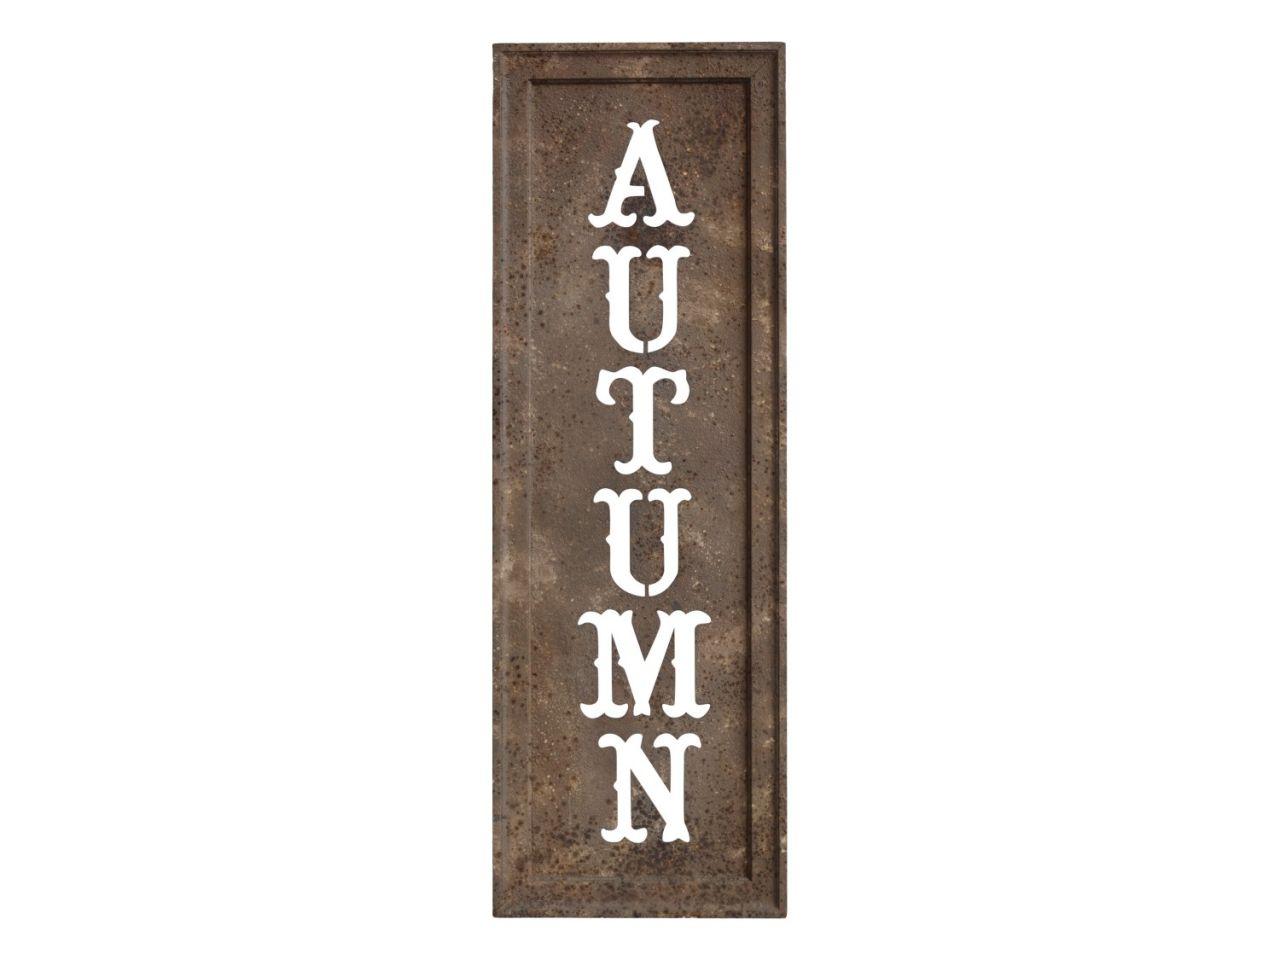 -Schild -Autumn- von Chic Antique-